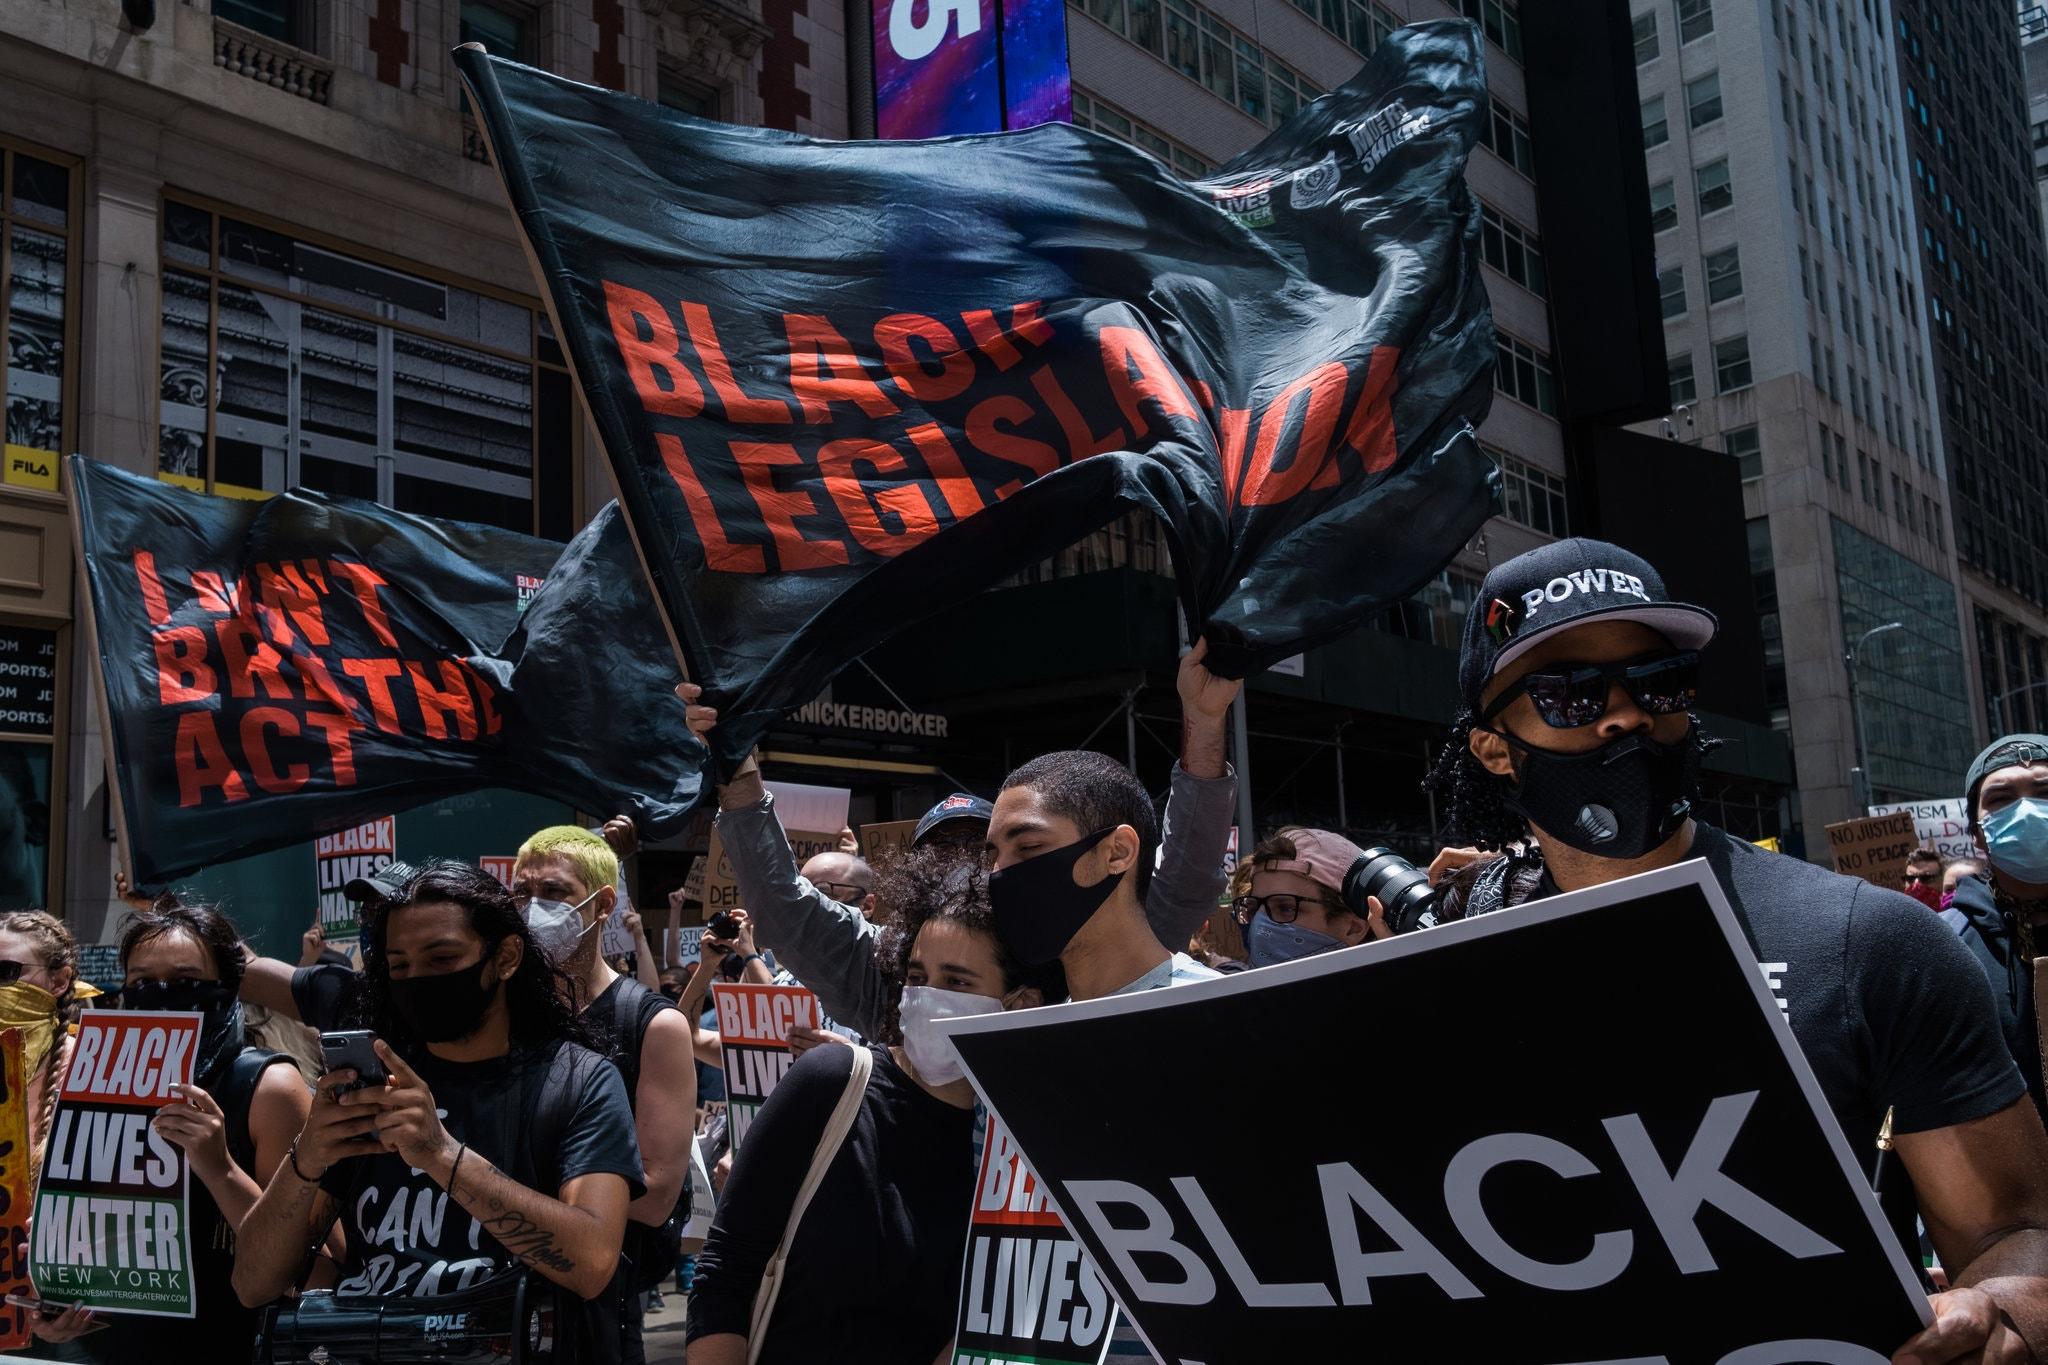 اعتراضات آمریکاییها به نژادپرستی وارد سیزدهمین روز خود شد/ ادامه تظاهرات در واشنگتن در پی خروج گارد ملی